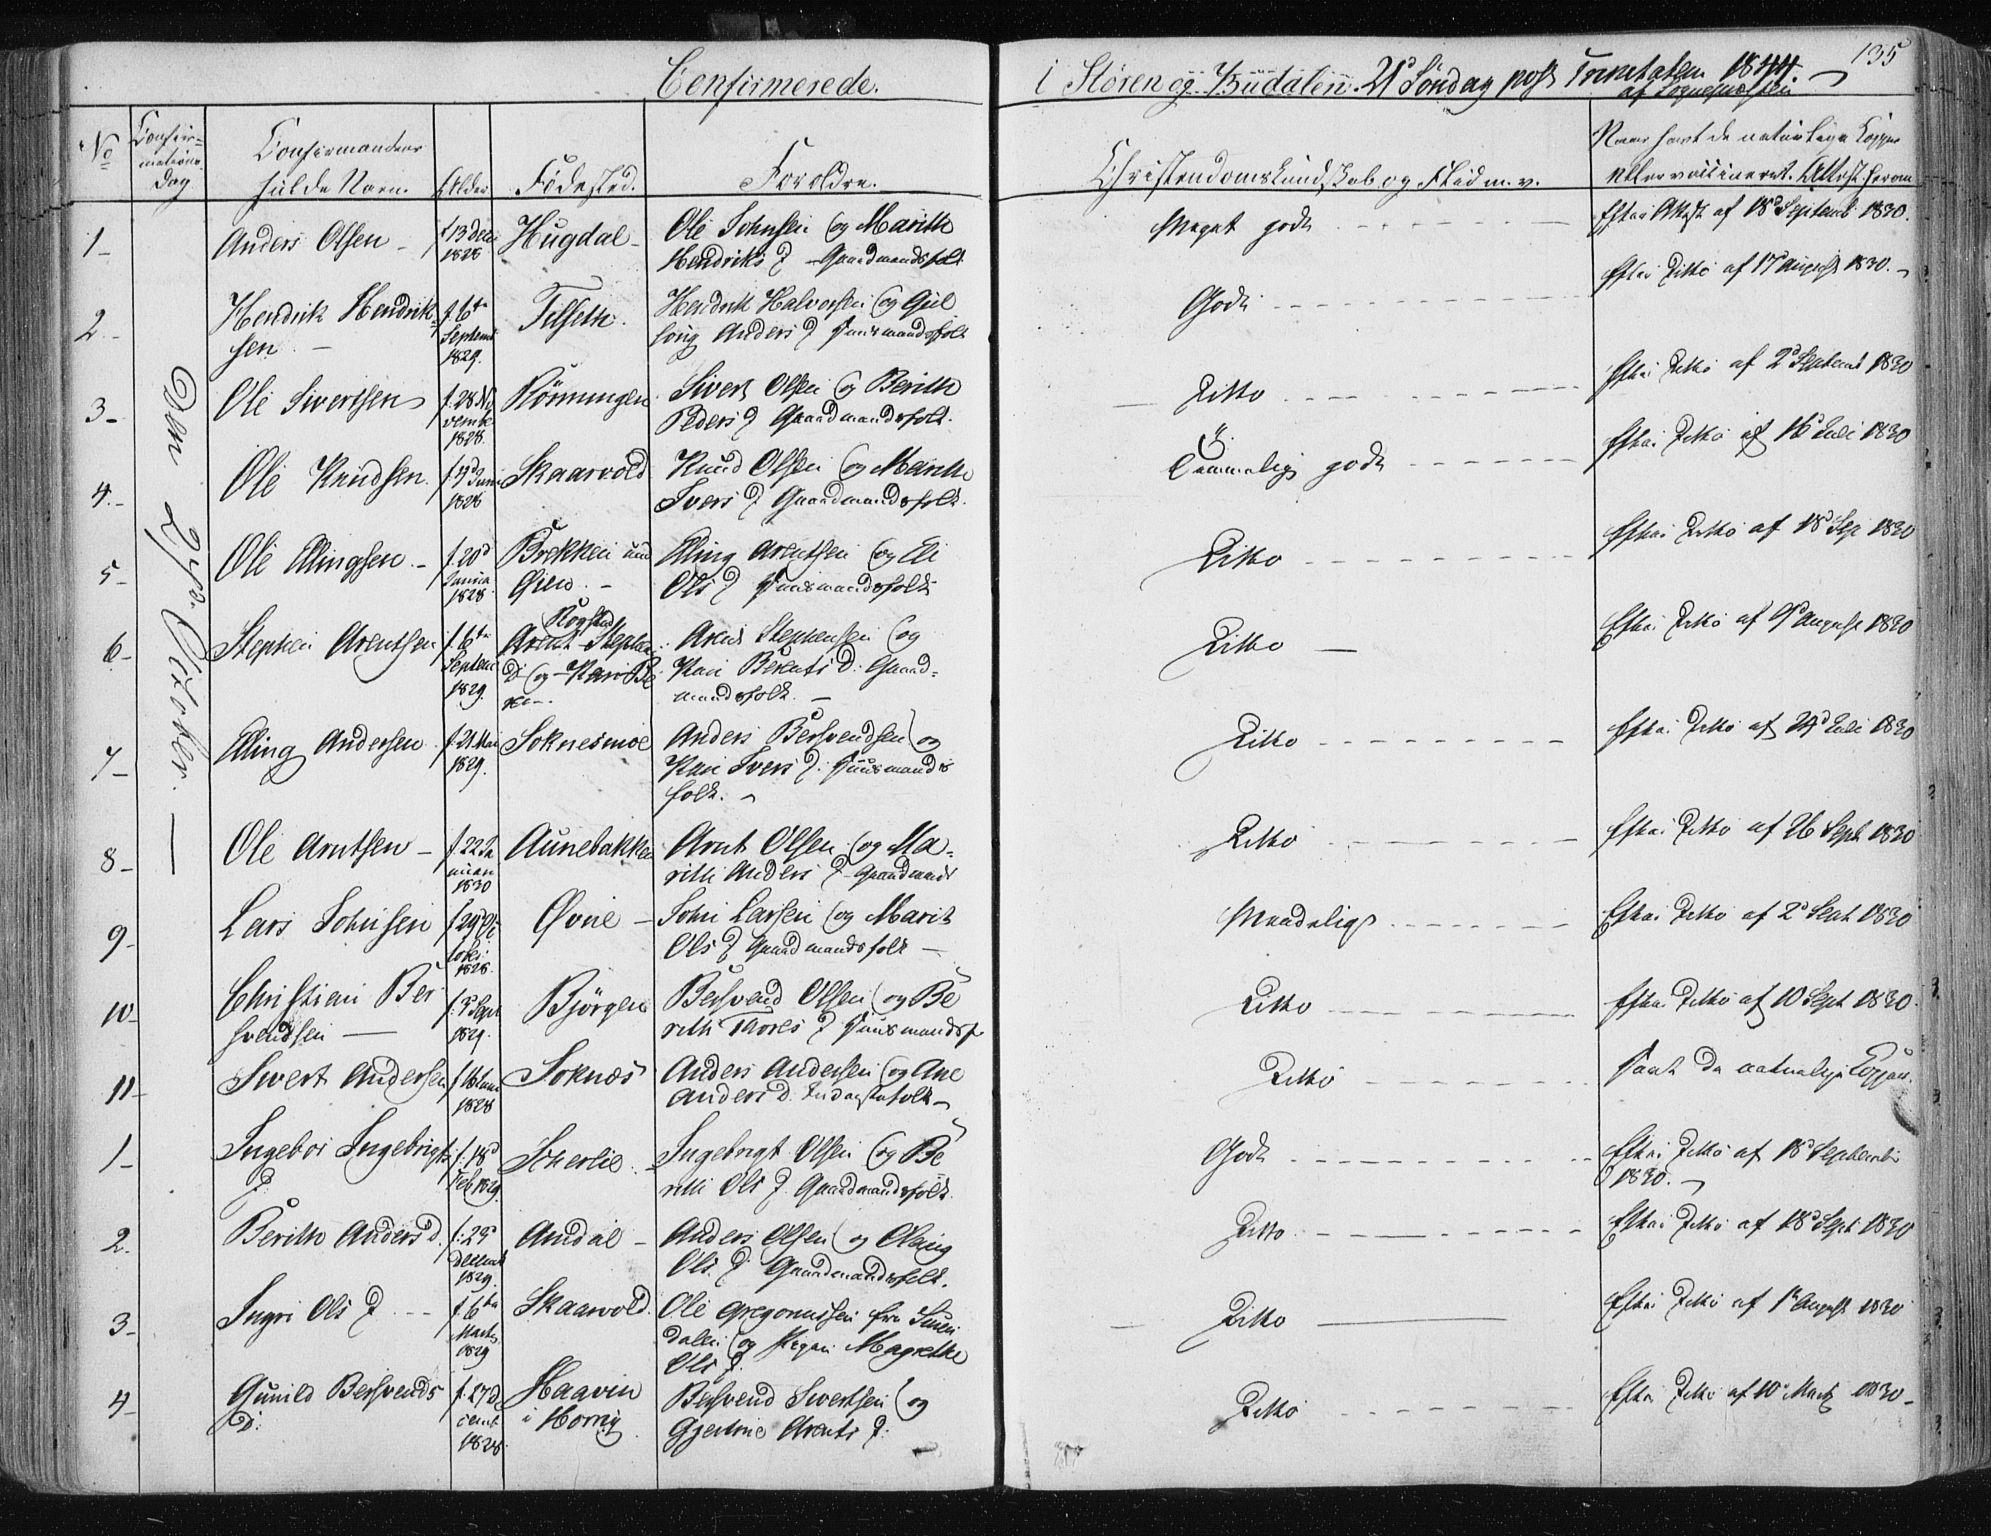 SAT, Ministerialprotokoller, klokkerbøker og fødselsregistre - Sør-Trøndelag, 687/L0997: Ministerialbok nr. 687A05 /1, 1843-1848, s. 135